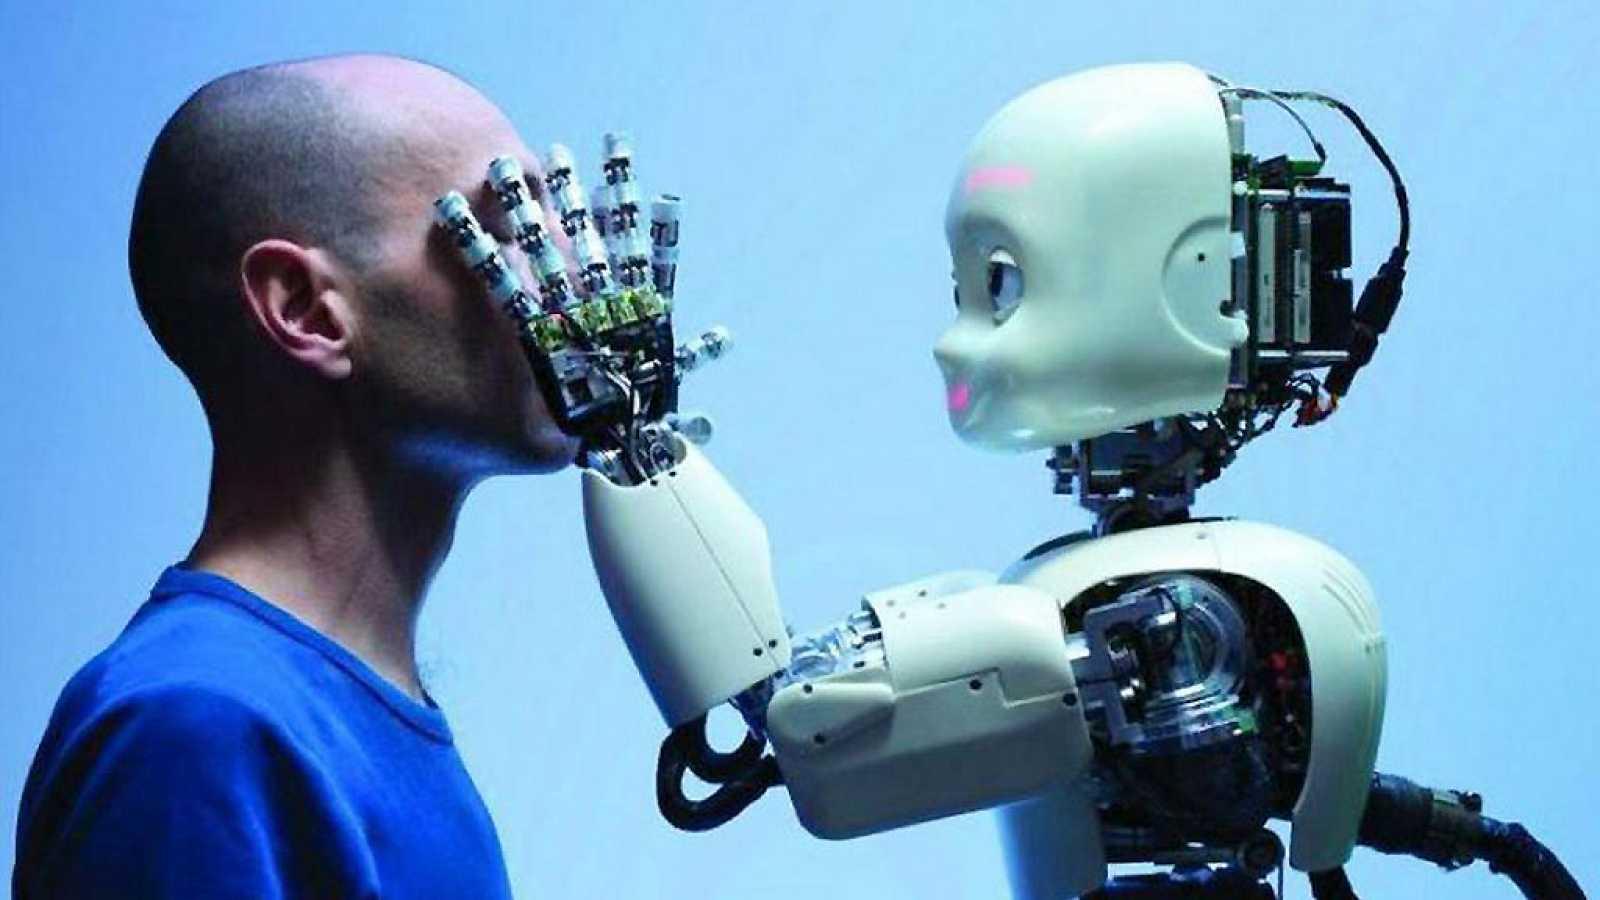 Inteligencia Artificial y desarrollo humano - Escuchar ahora